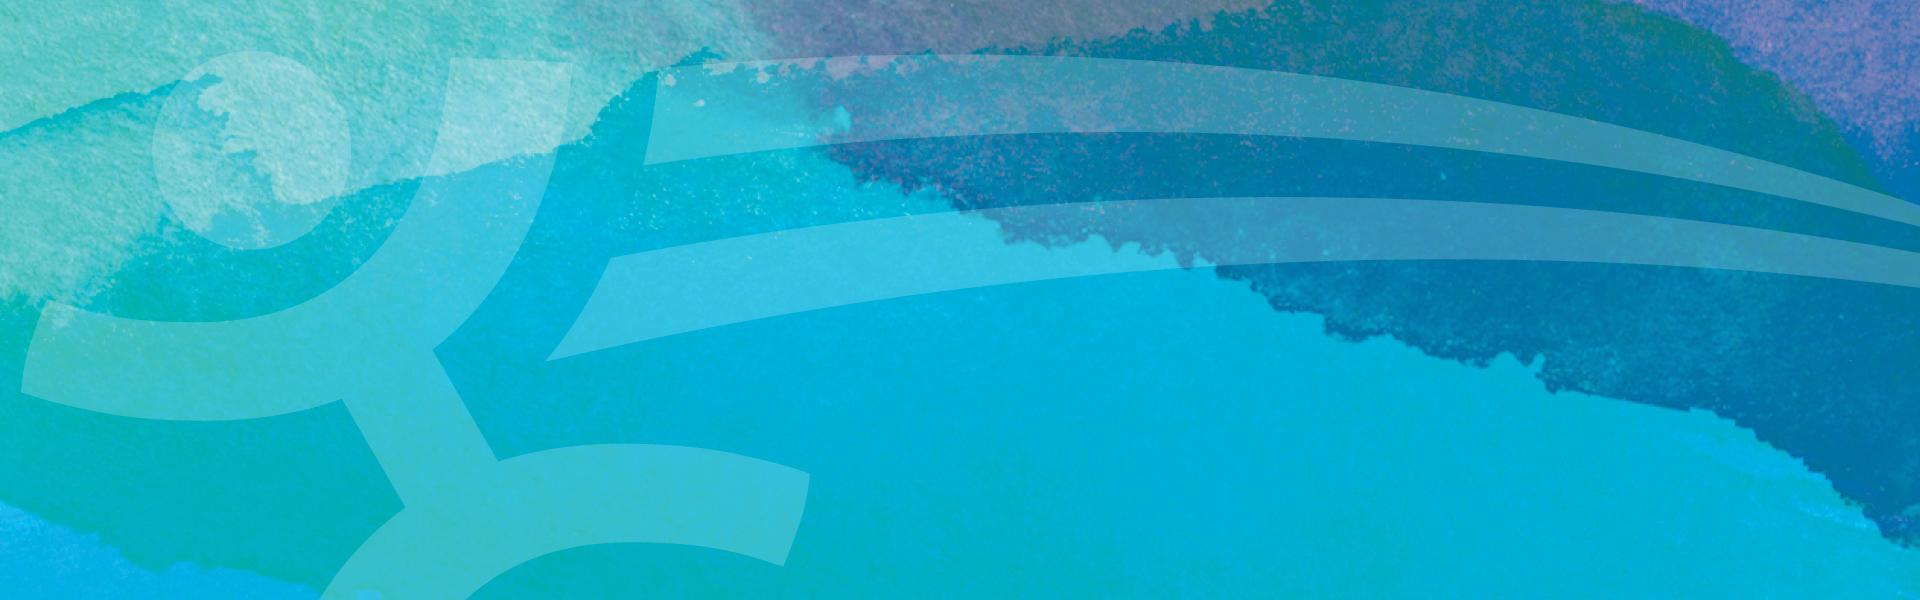 CSCL - Blue Slider Bg